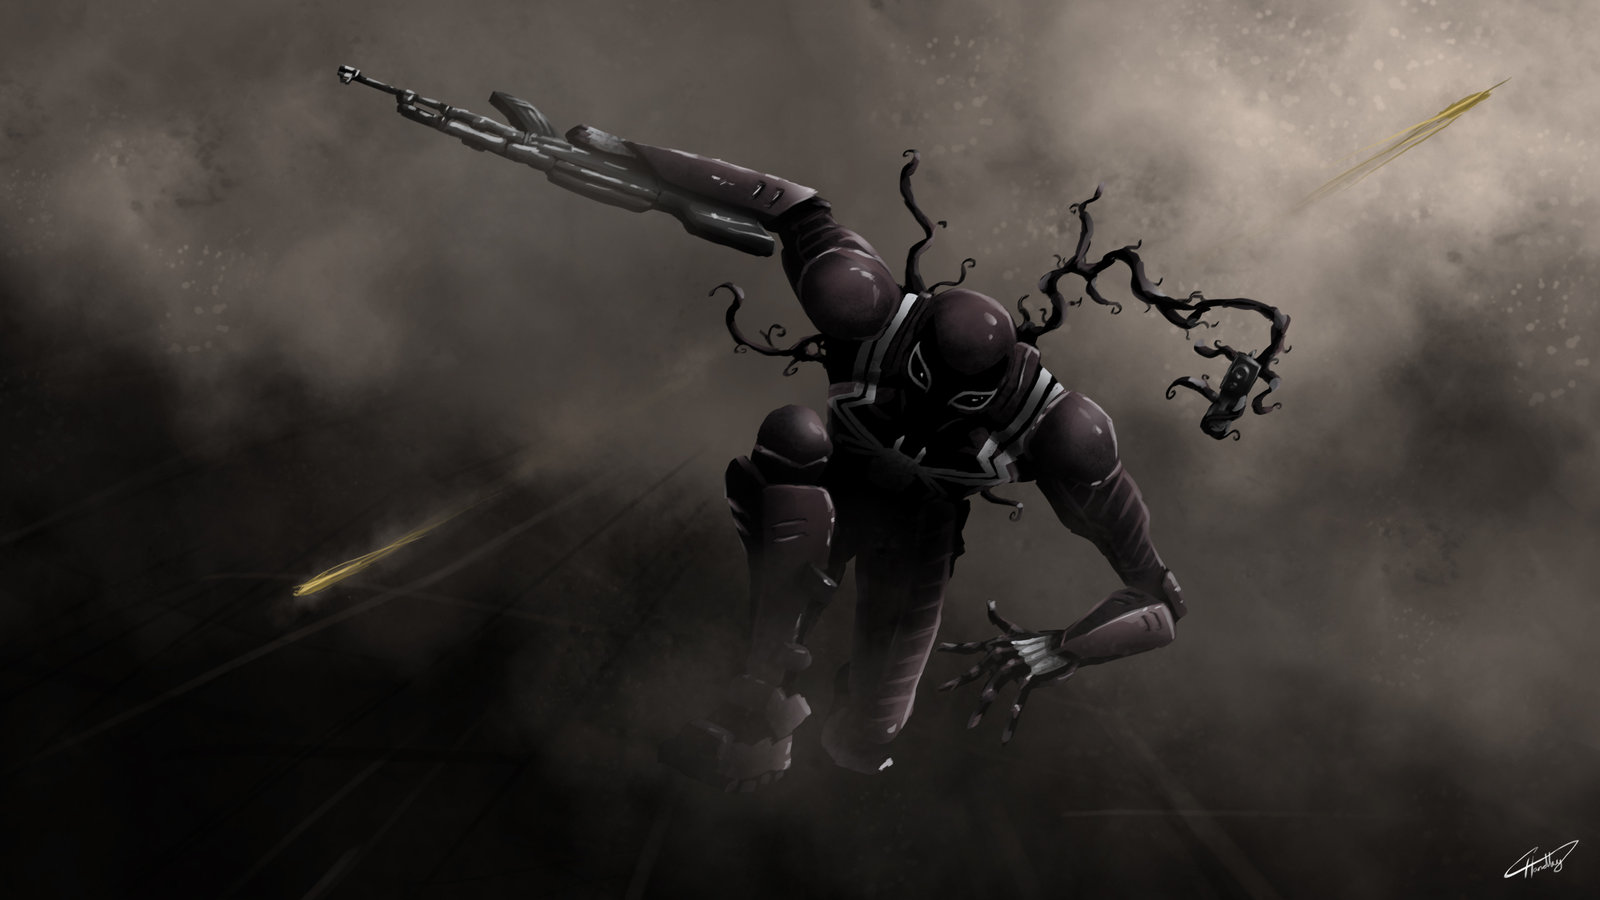 Agent Venom by iamherecozidraw 1600x900